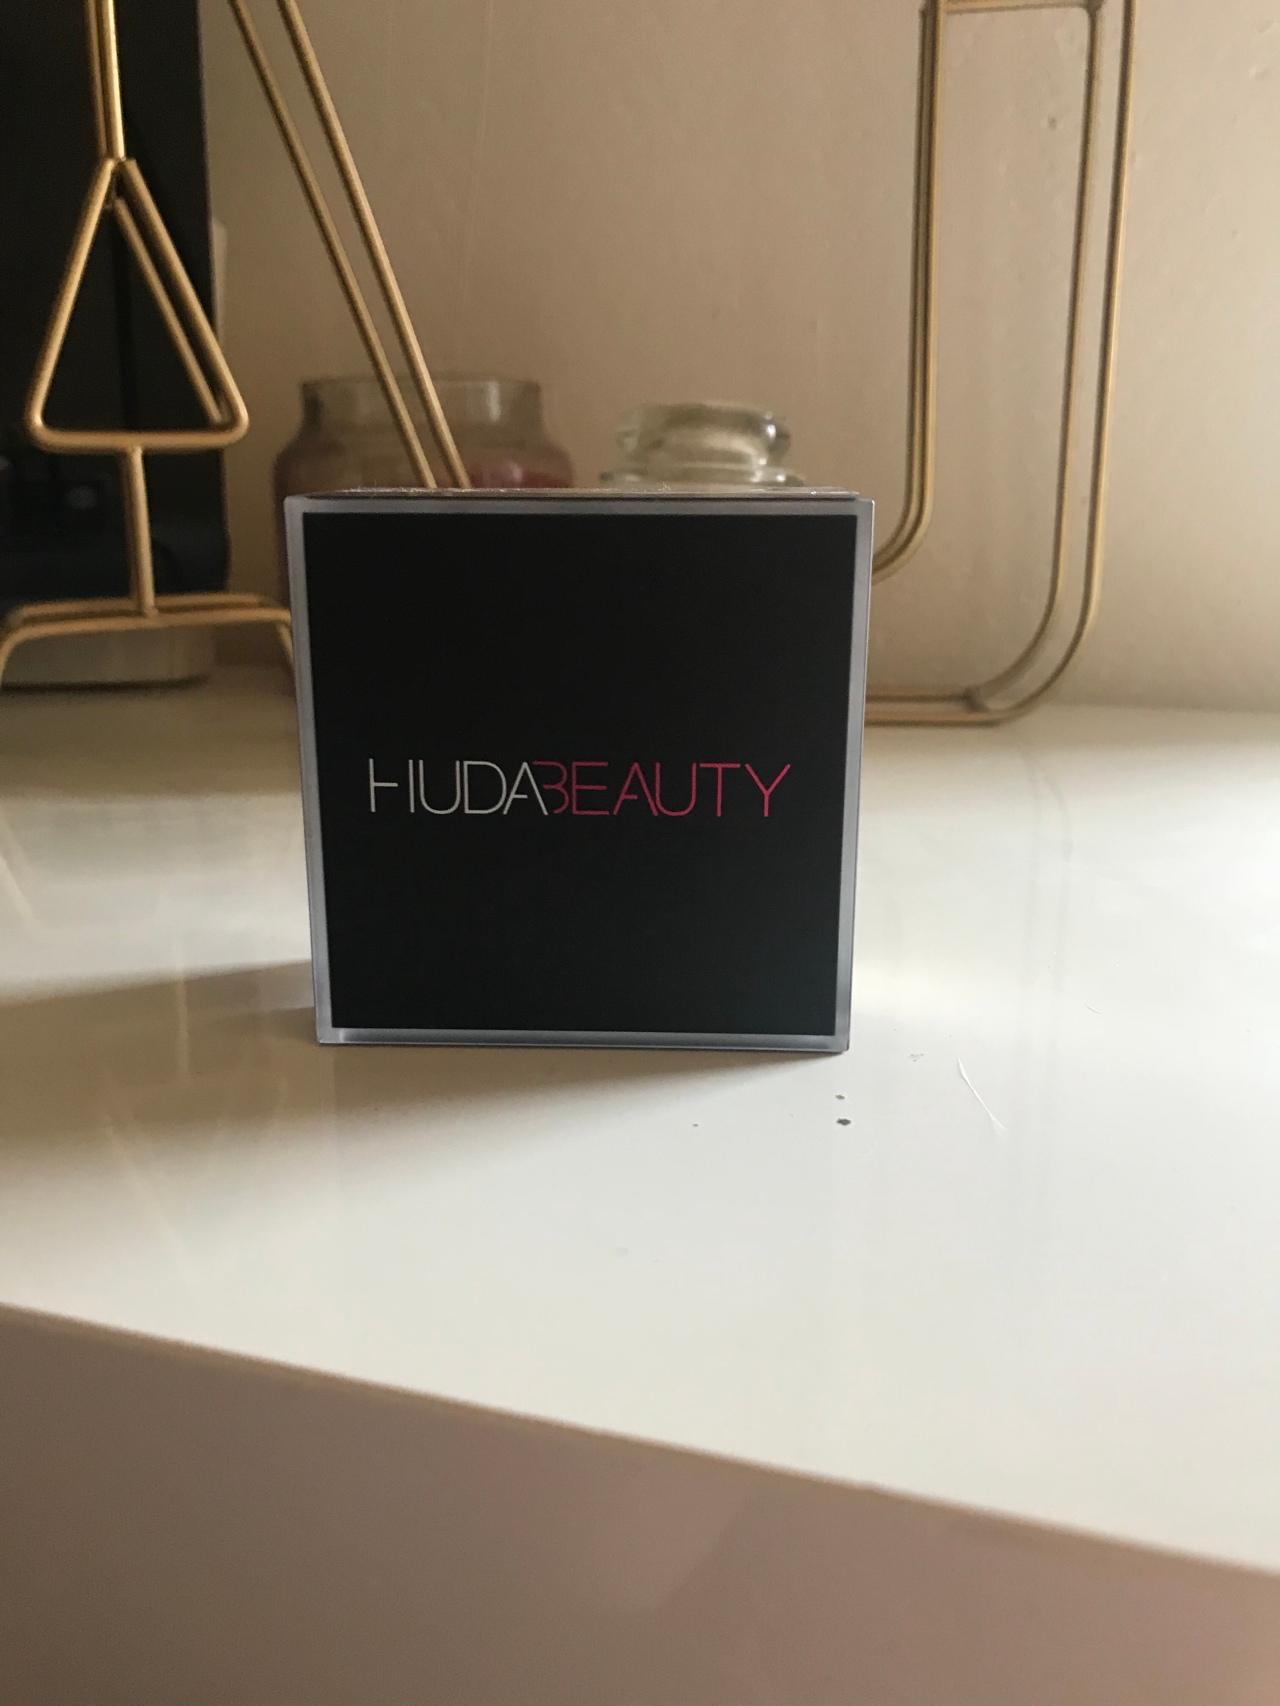 Huda Beauty – La nouvelle poudre matifiante EasyBake